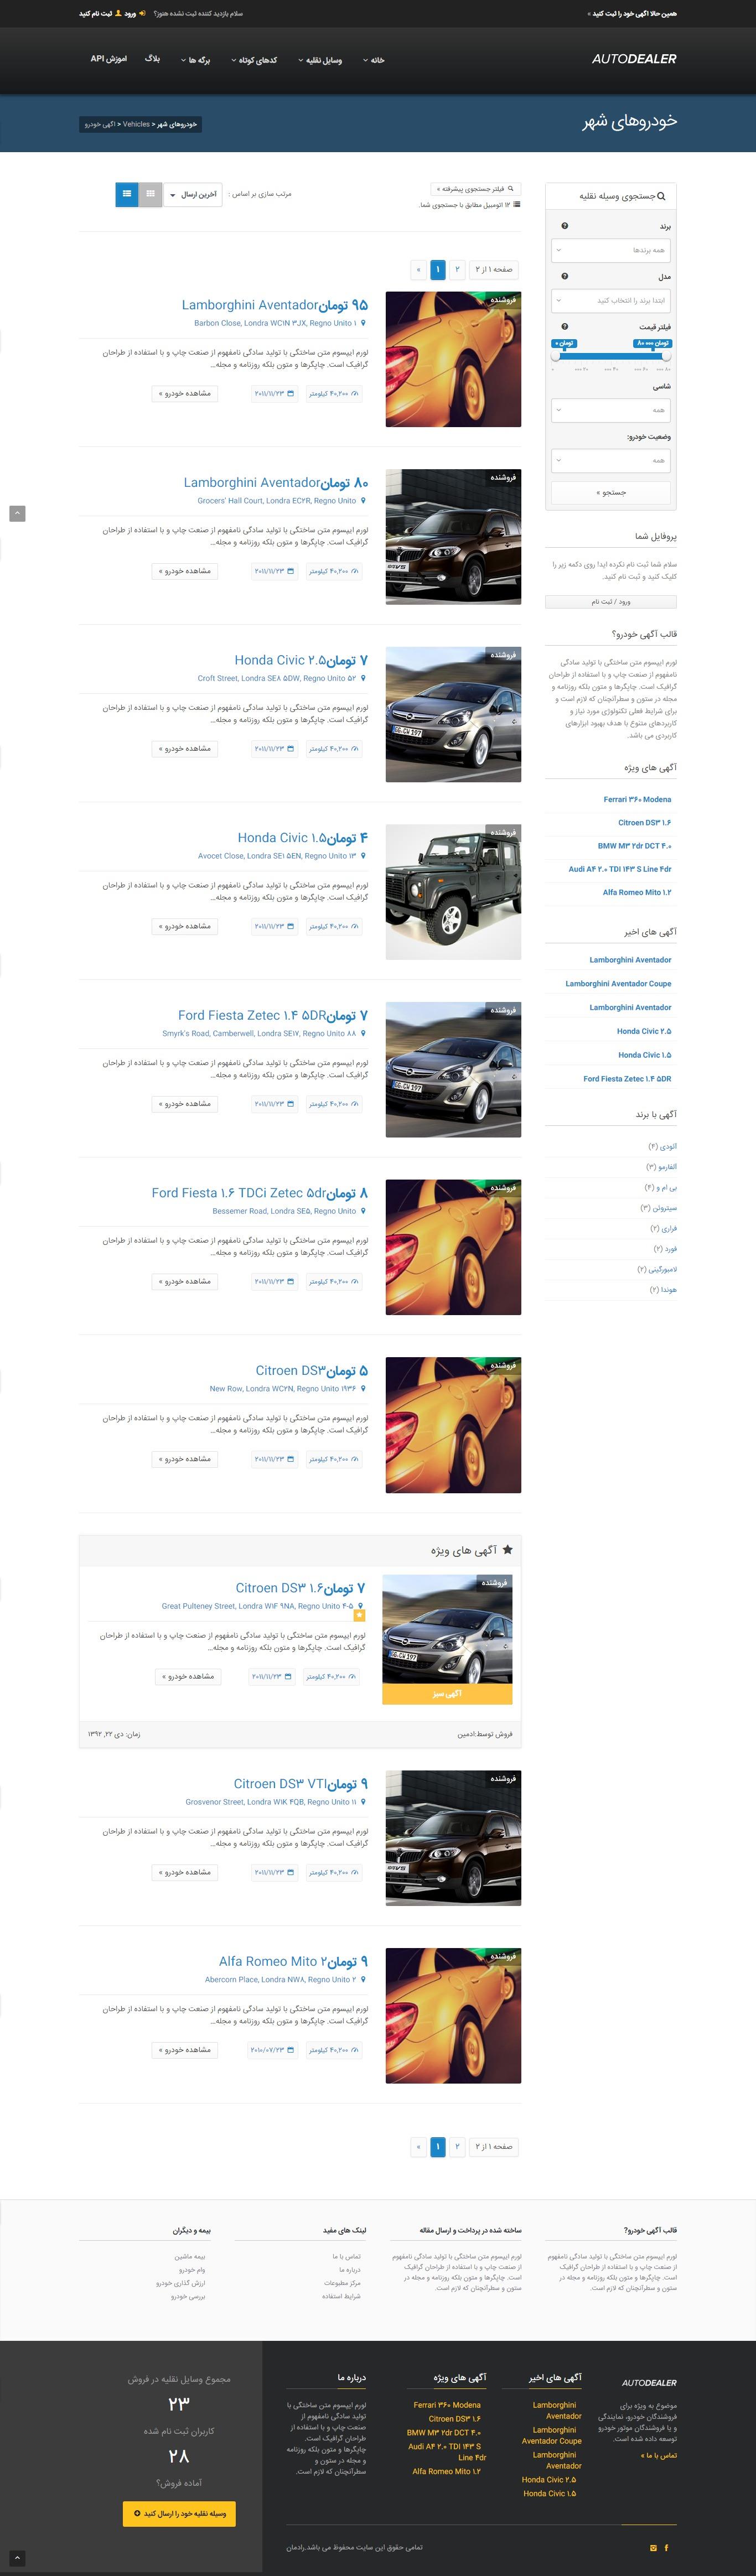 2 از 4  قالب آتودیلر | Auto Dealer